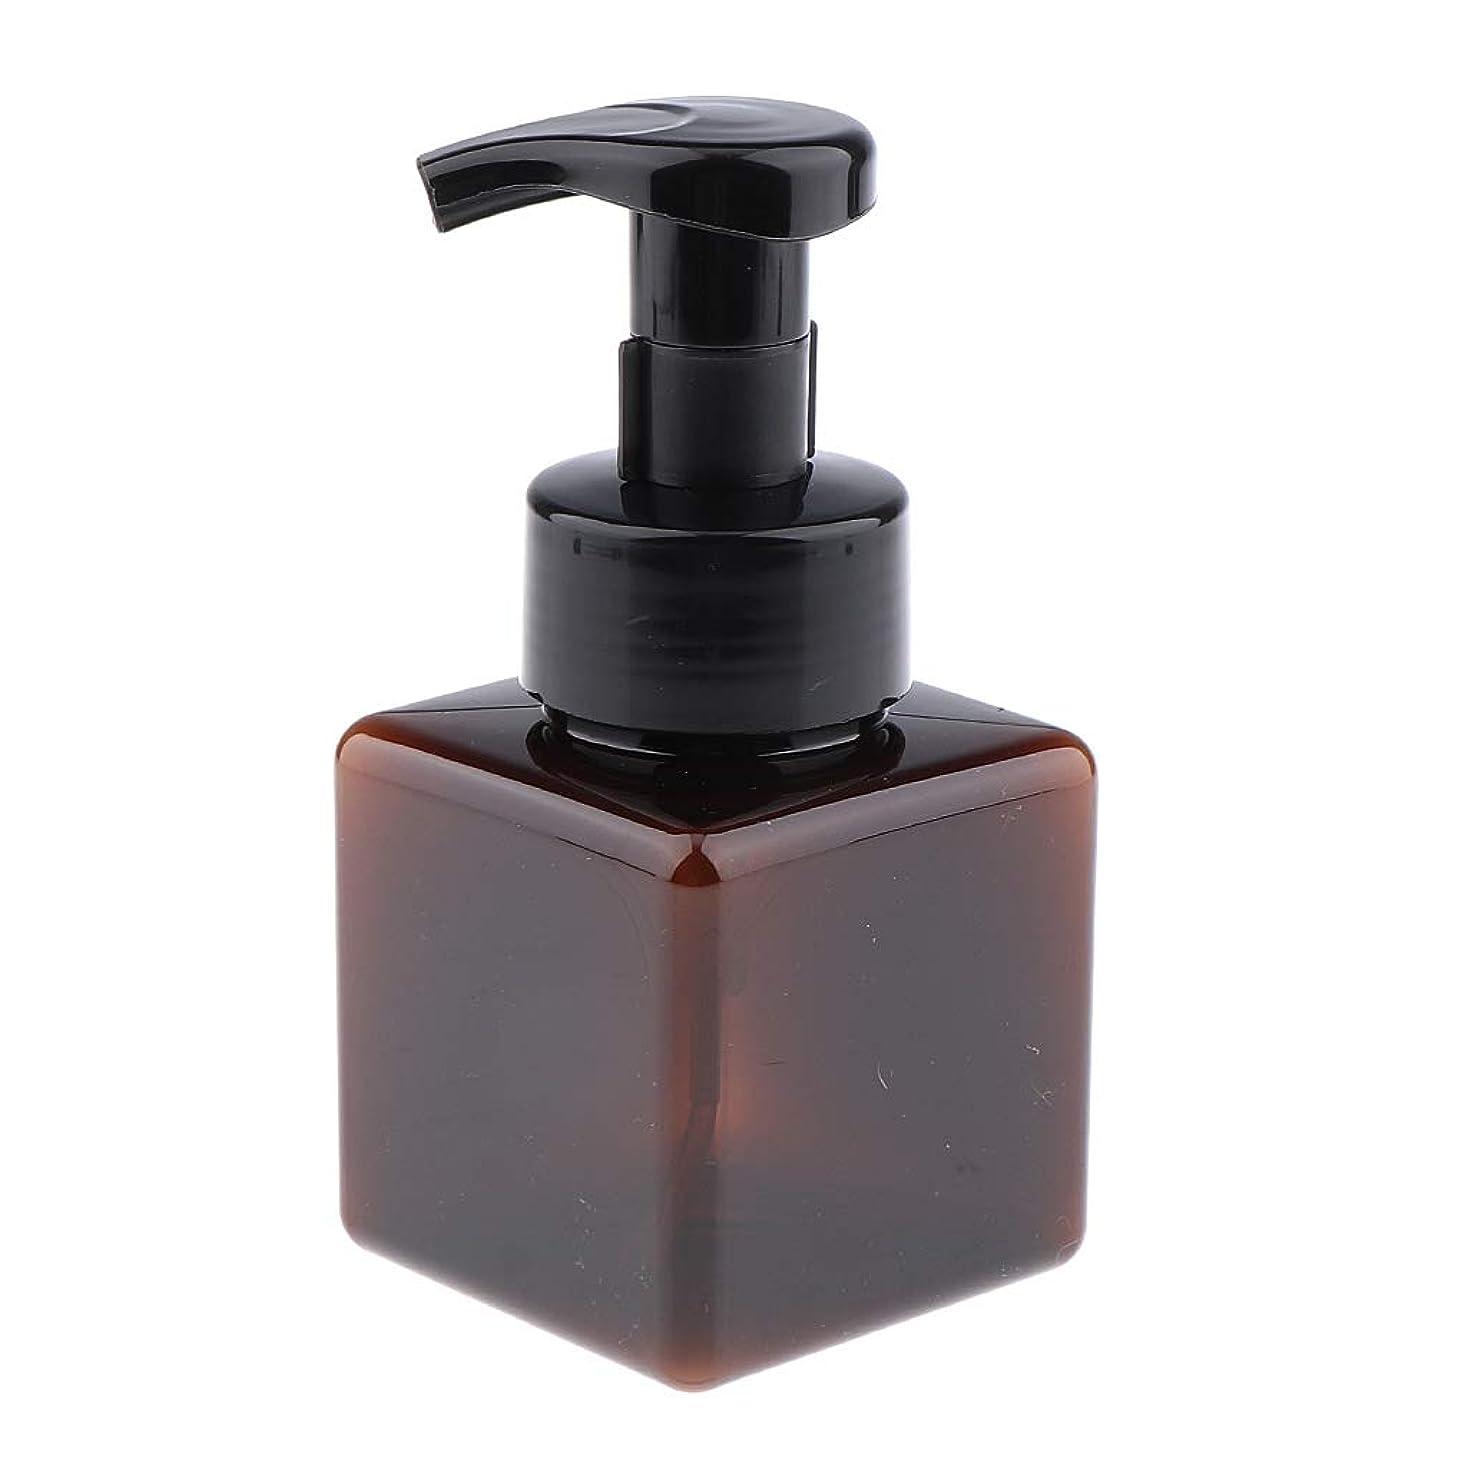 ビンモンクドレスIPOTCH フォームディスペンサー ポンプボトル フェイシャル コンテナ 250ml 高品質 6色選べ - ダークブラウン